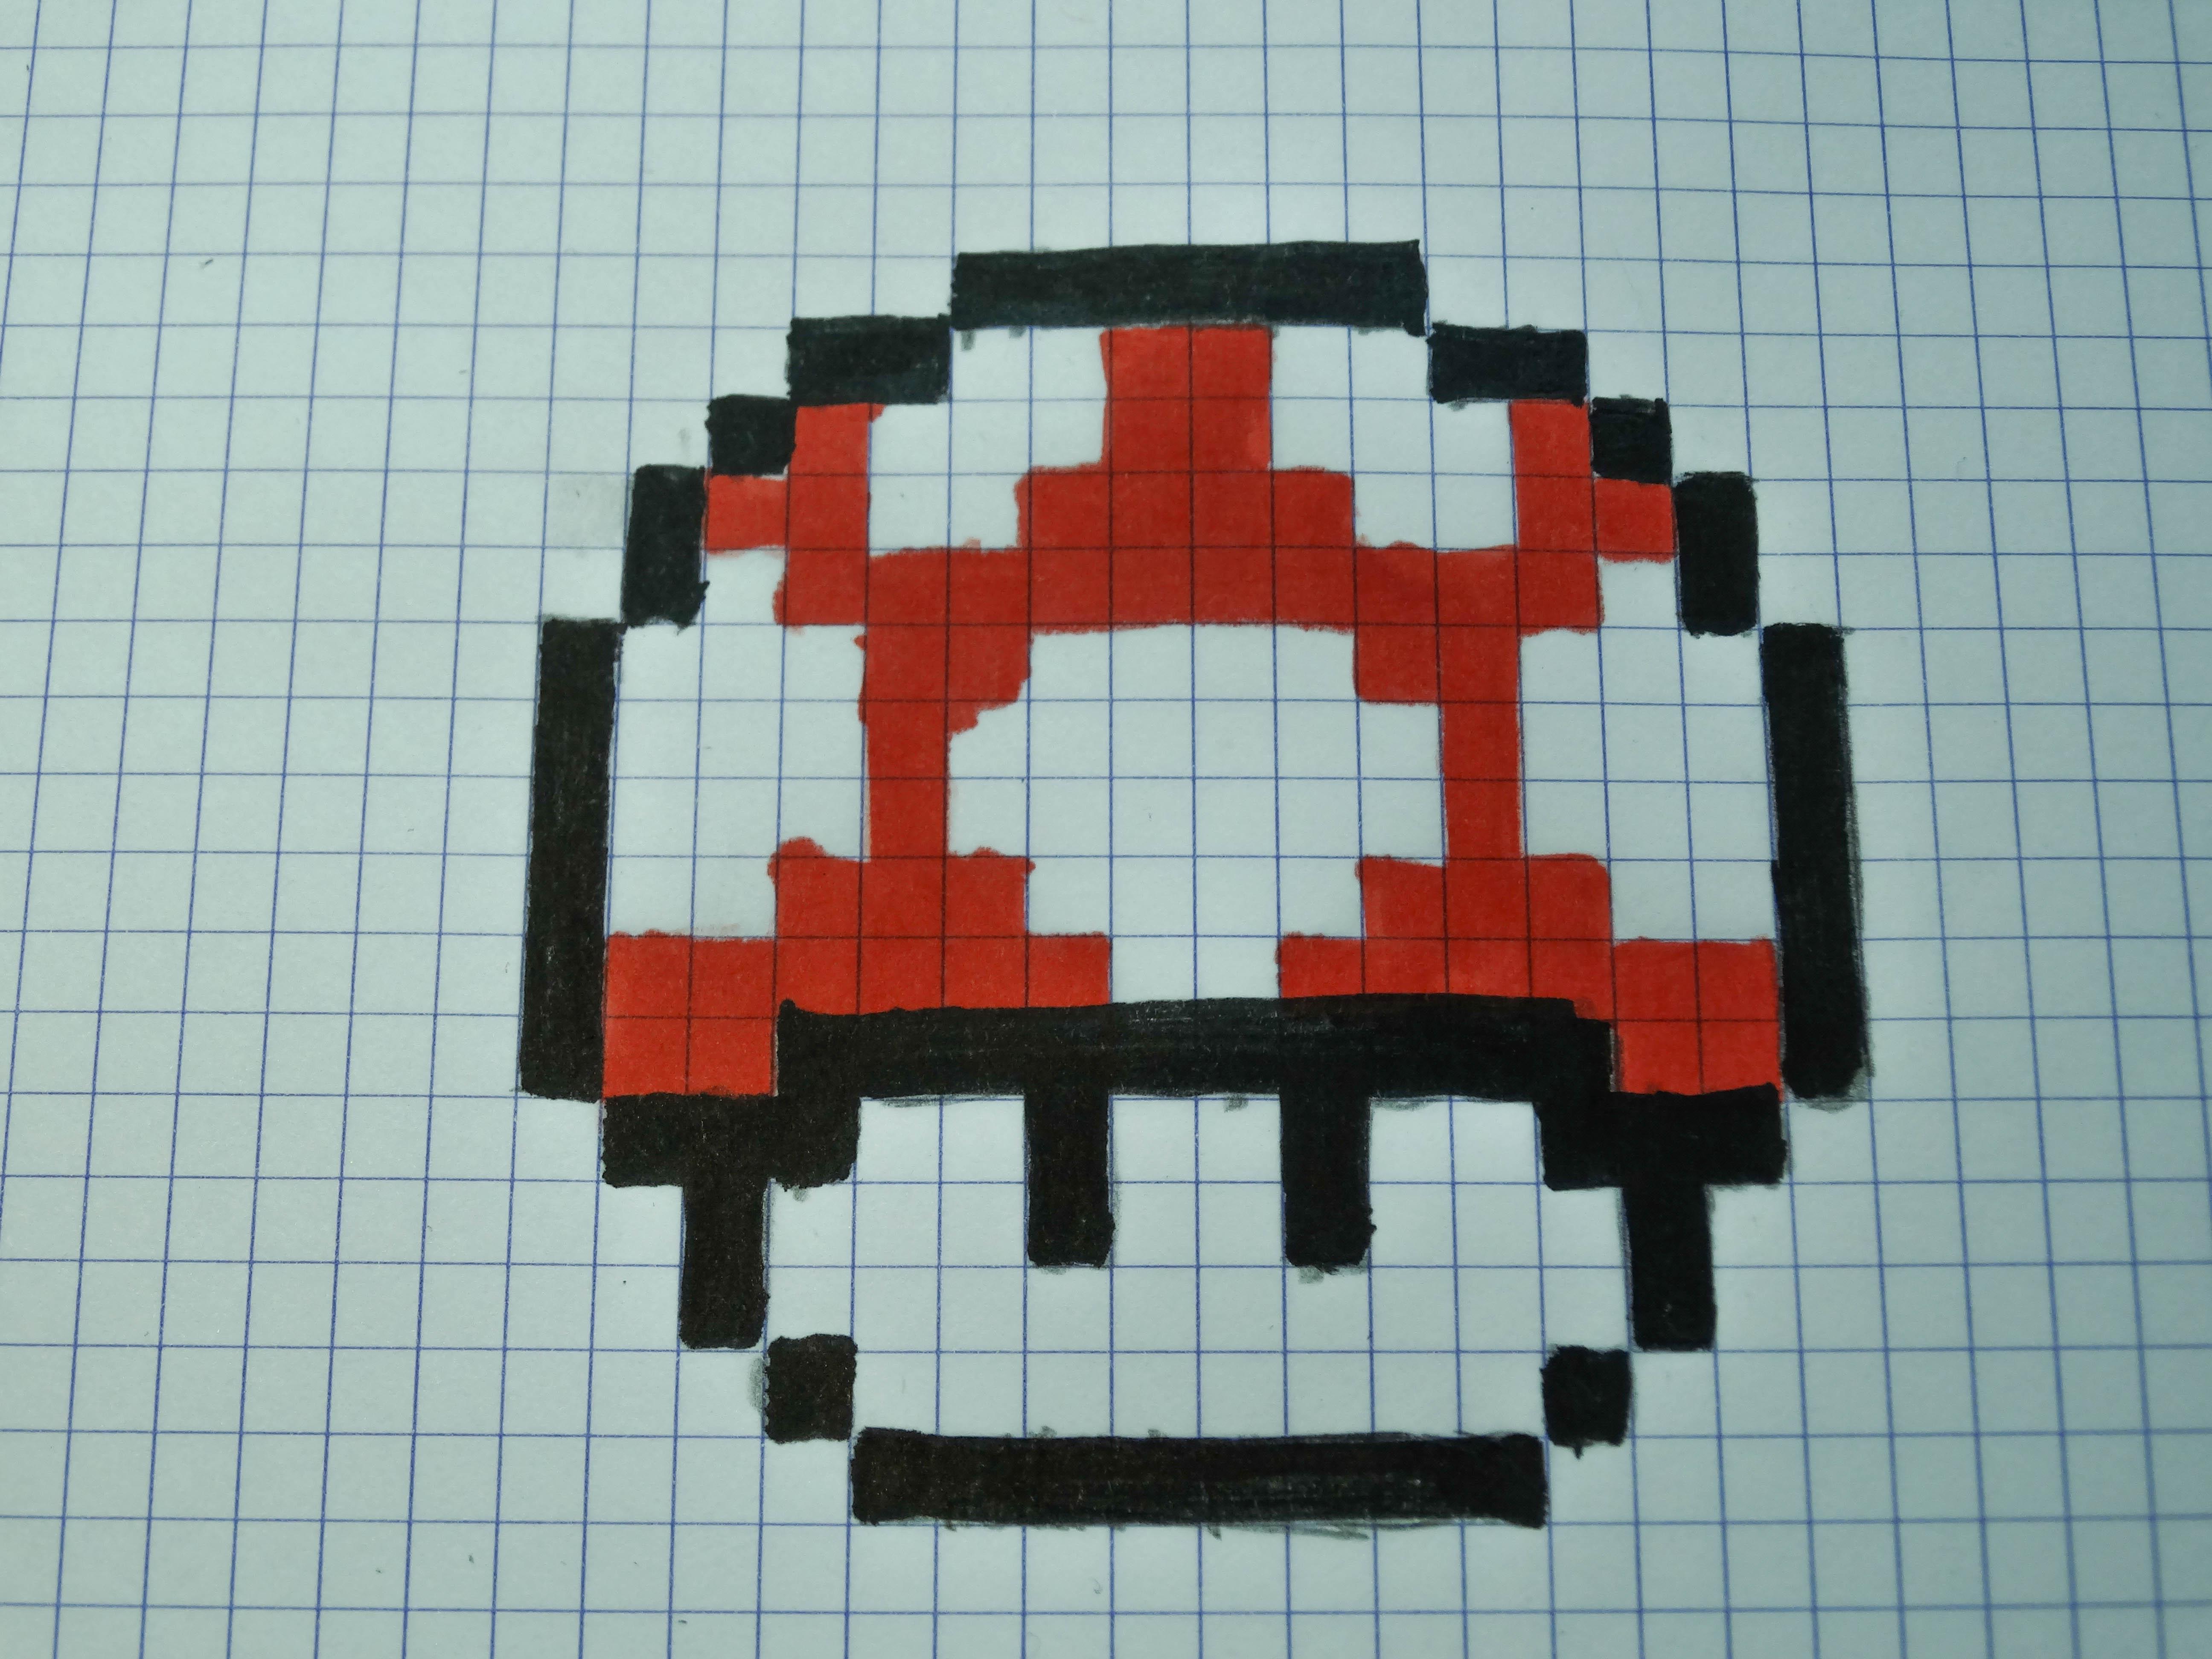 mario mushroom pixel art 2015 by easysarts on deviantart